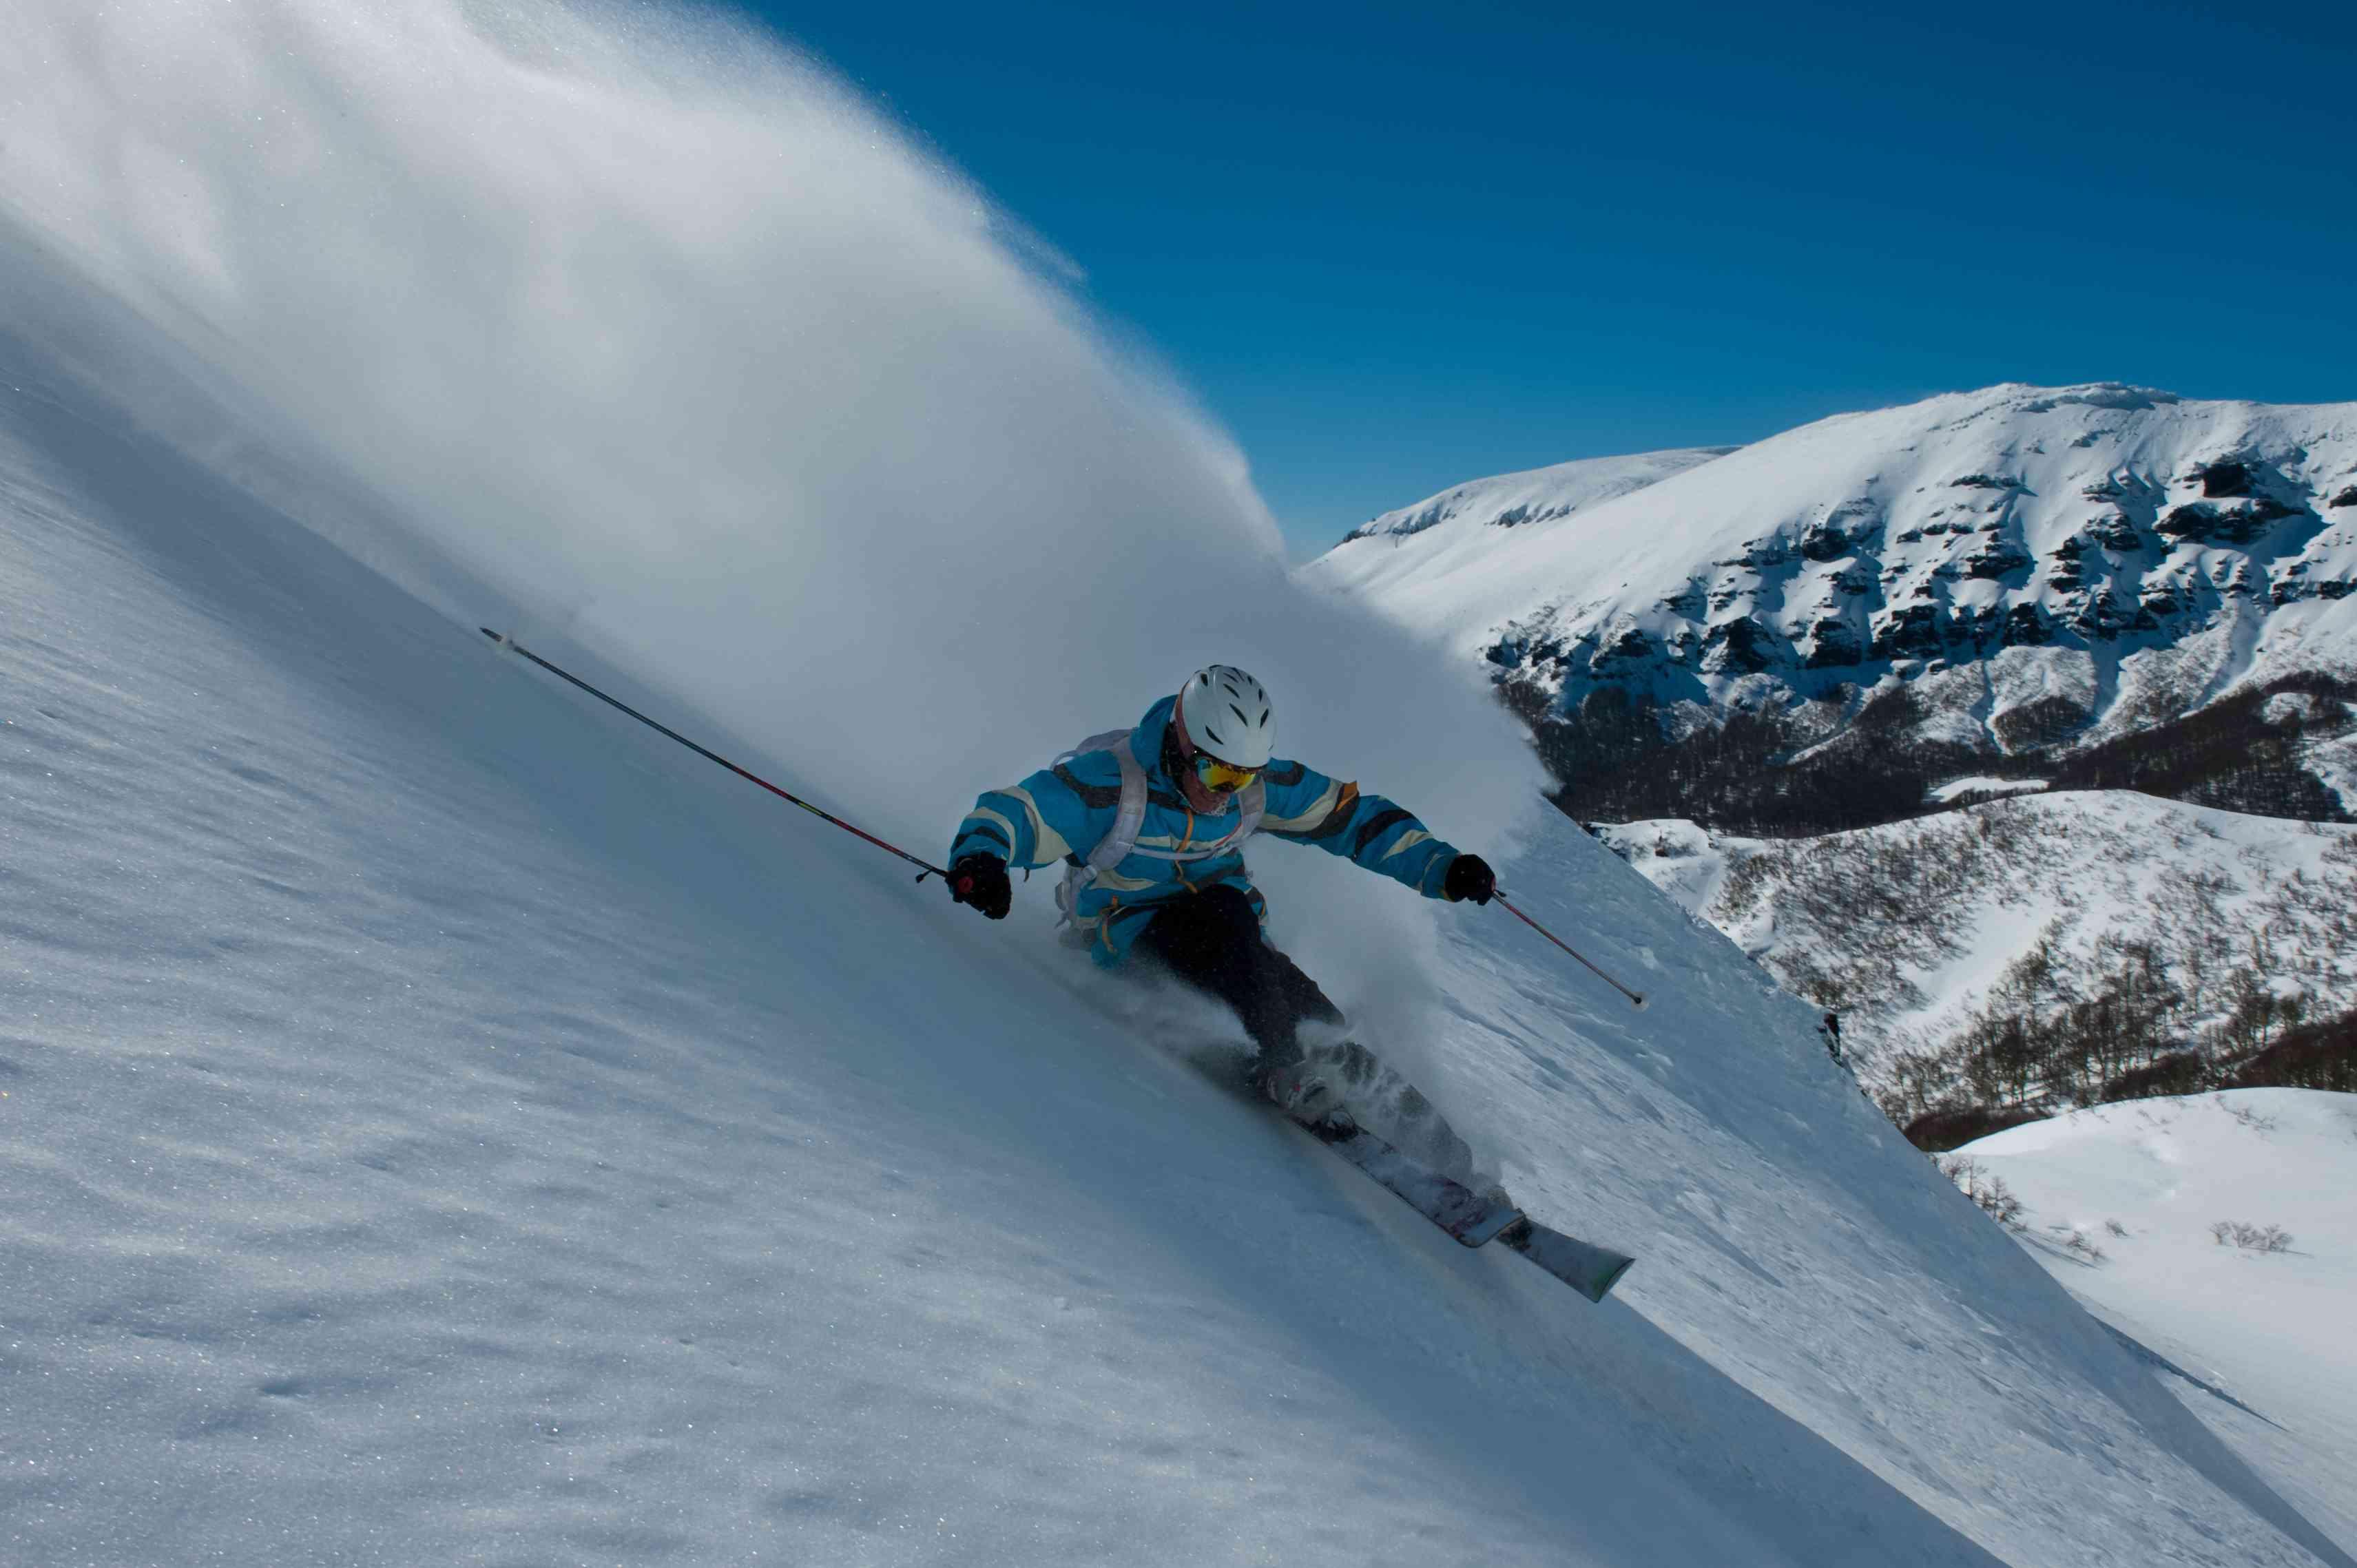 Esquí fuera de pista en Chapelco, San Martín de los Andes, Argentina